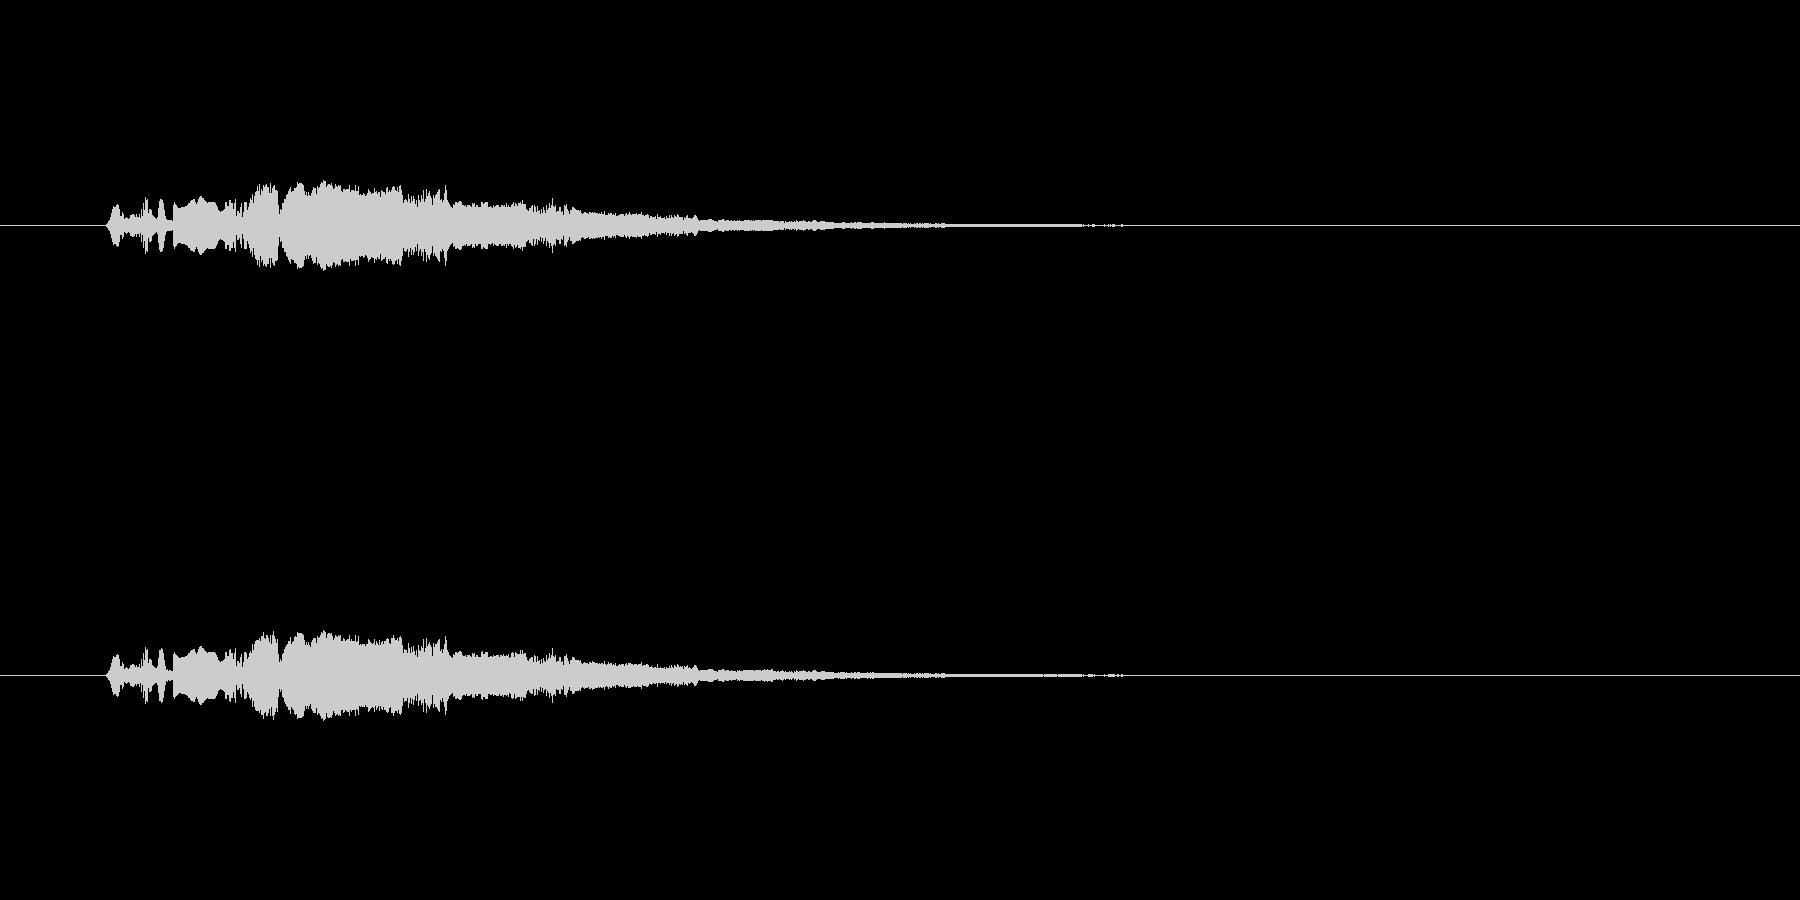 【ポップモーション30-4】の未再生の波形